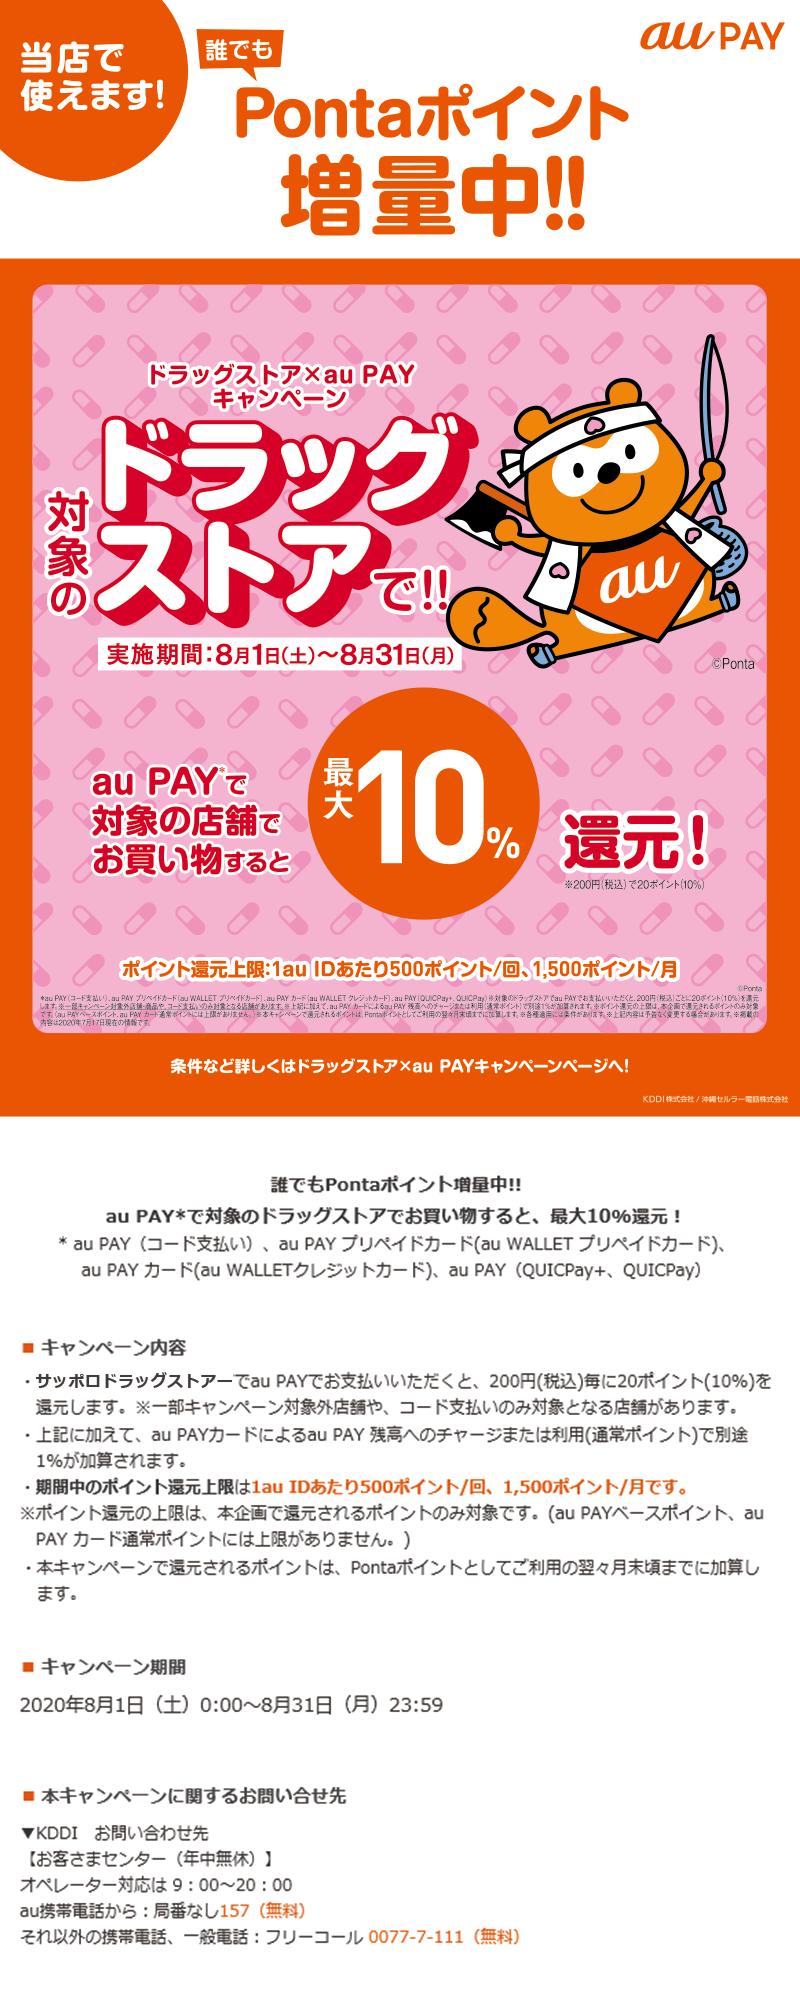 ドラッグストア × au PAYキャンペーン